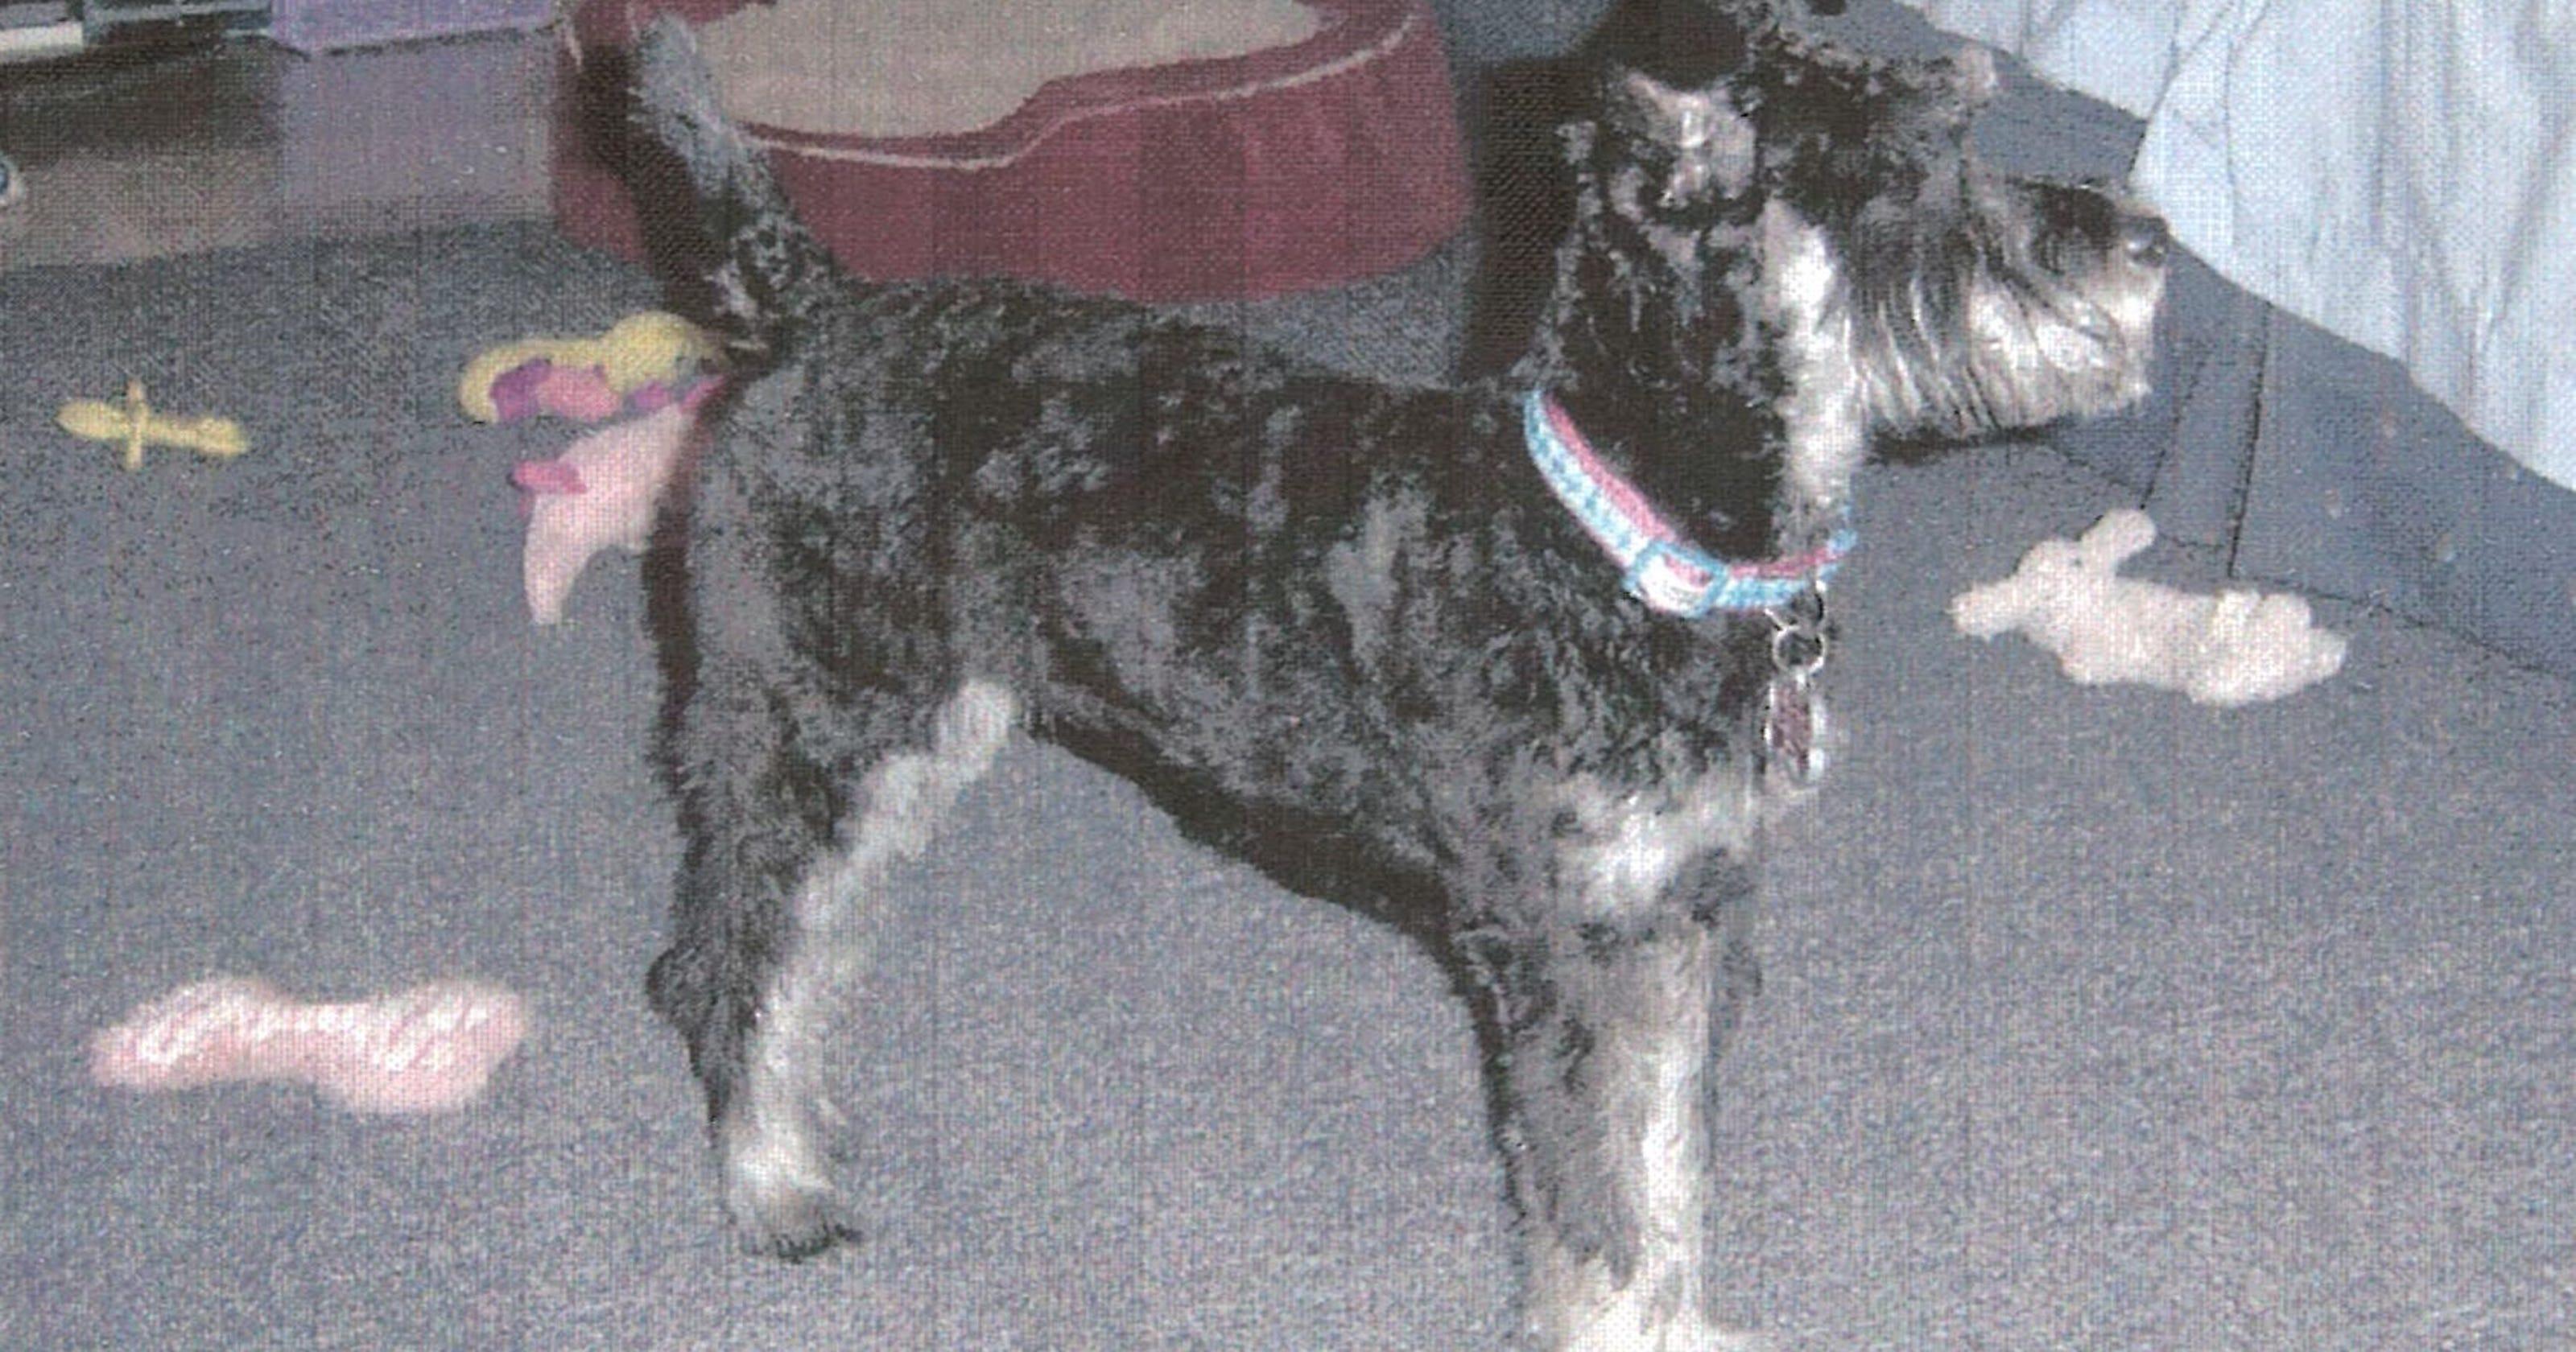 473556d41368 Franklin dog stolen in burglary back home  2 arrested